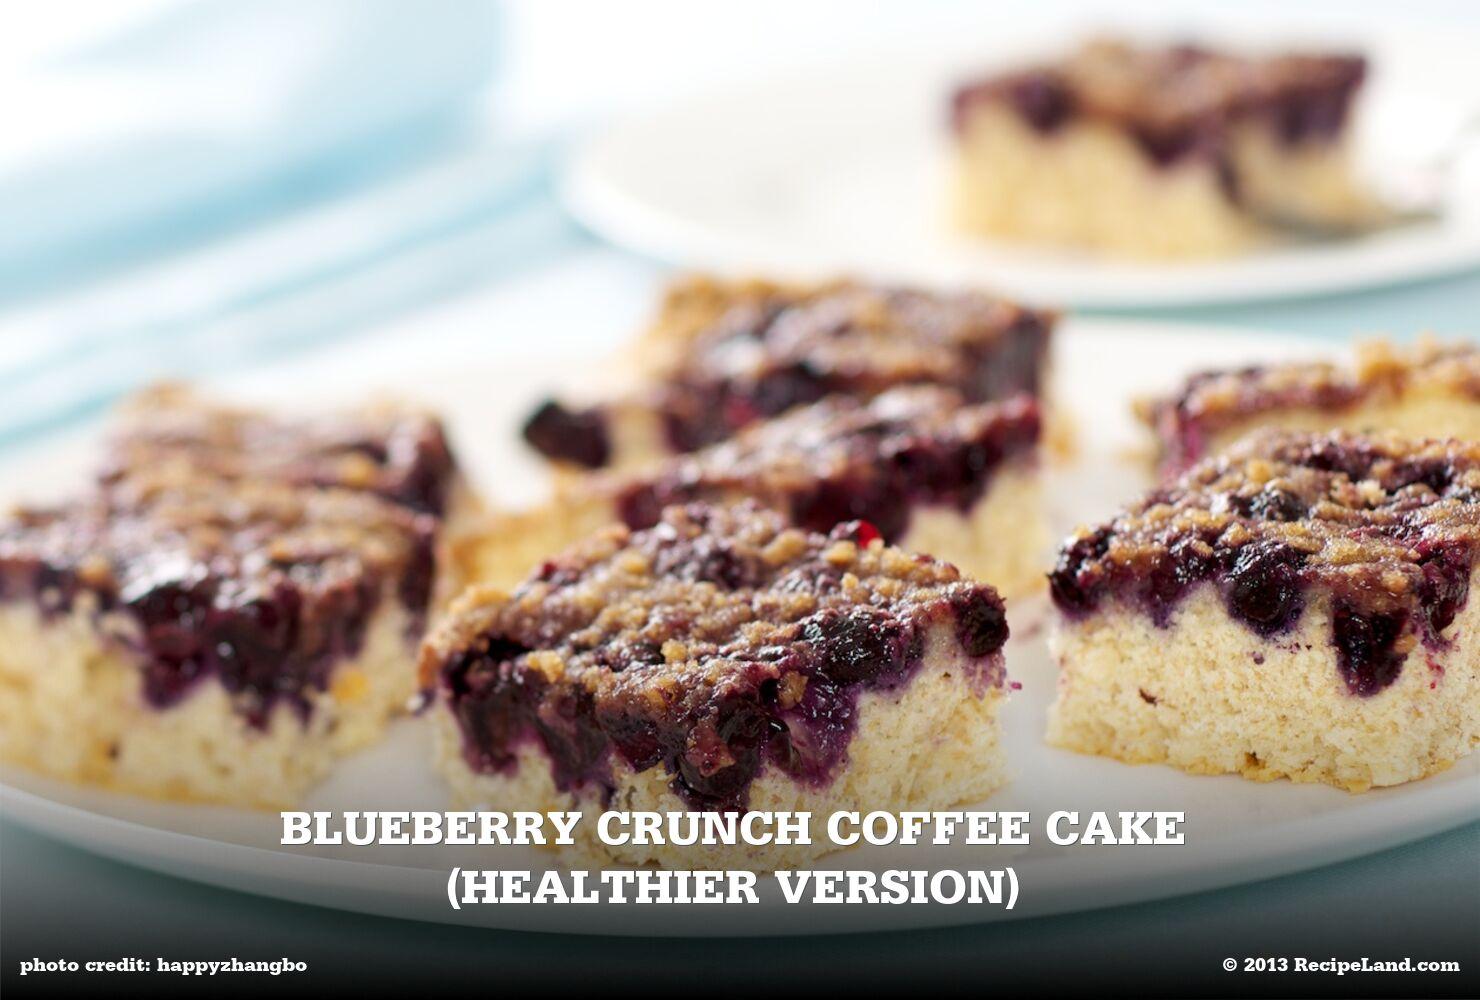 Blueberry Crunch Coffee Cake (Healthier Version)